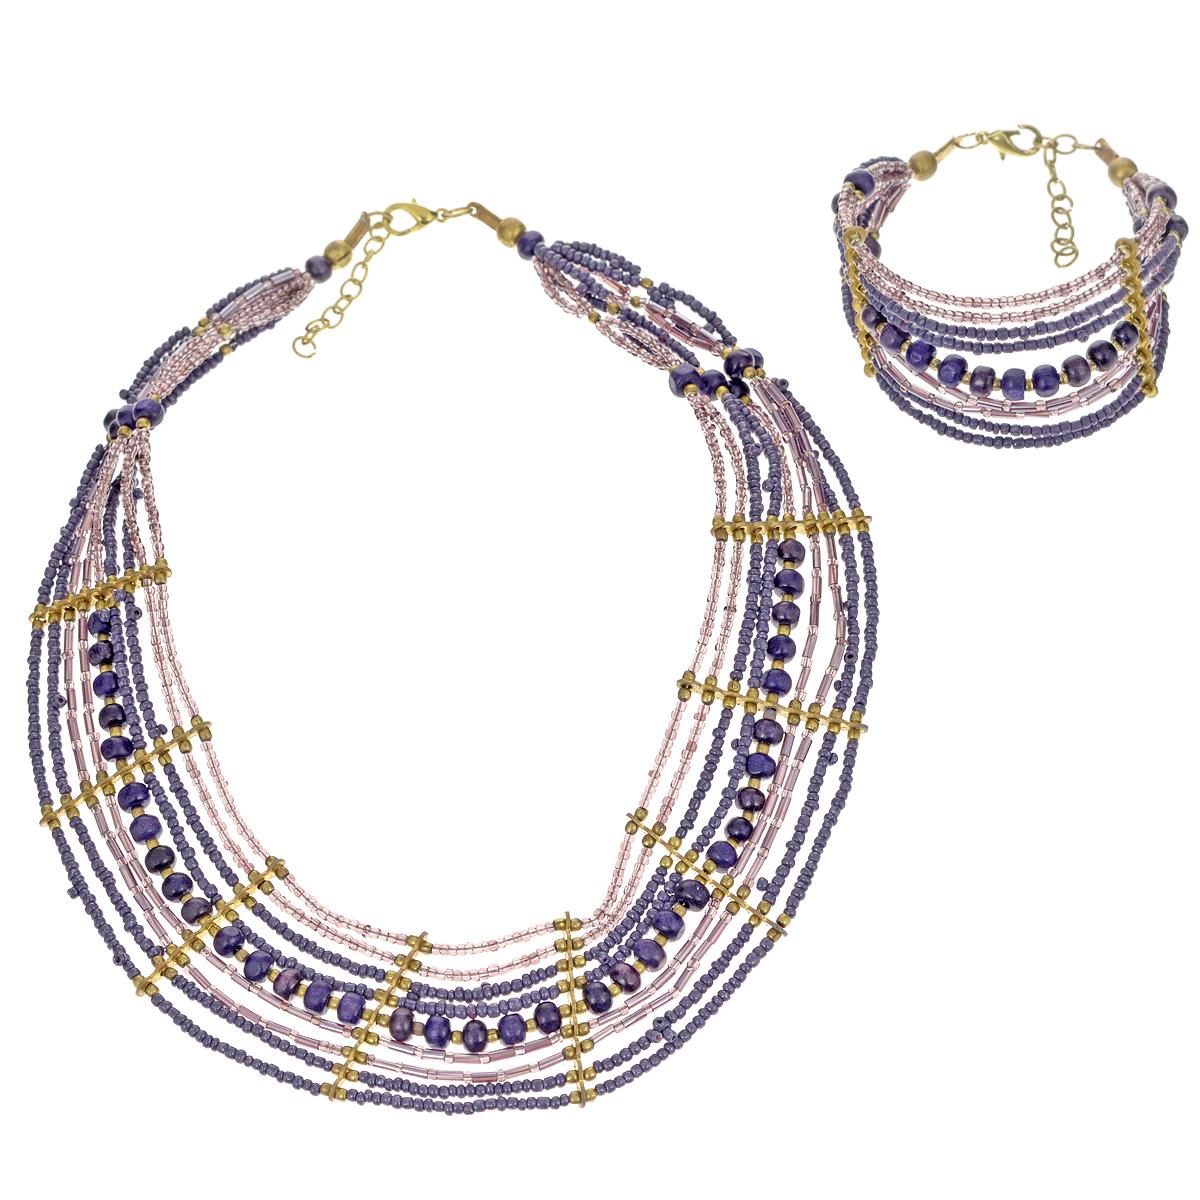 Комплект украшений Ethnica: бусы, браслет, цвет: фиолетовый. 2213522135Стильный комплект украшений Ethnica, состоящий из бус и браслета, выполнен из металла. Каждое изделие состоит из девяти нитей, на которые нанизаны бусины и бисер разных форм и цветов, выполненные из дерева, пластика и металла. Нити скреплены декоративными скобами: на бусах - восьмью, на браслете - двумя. И бусы, и браслет застегиваются при помощи удобного замка-карабина. Длина обоих изделий регулируется за счет цепочки. Этот оригинальный комплект украшений позволит вам подчеркнуть свою индивидуальность, а также отлично дополнит этнический образ.